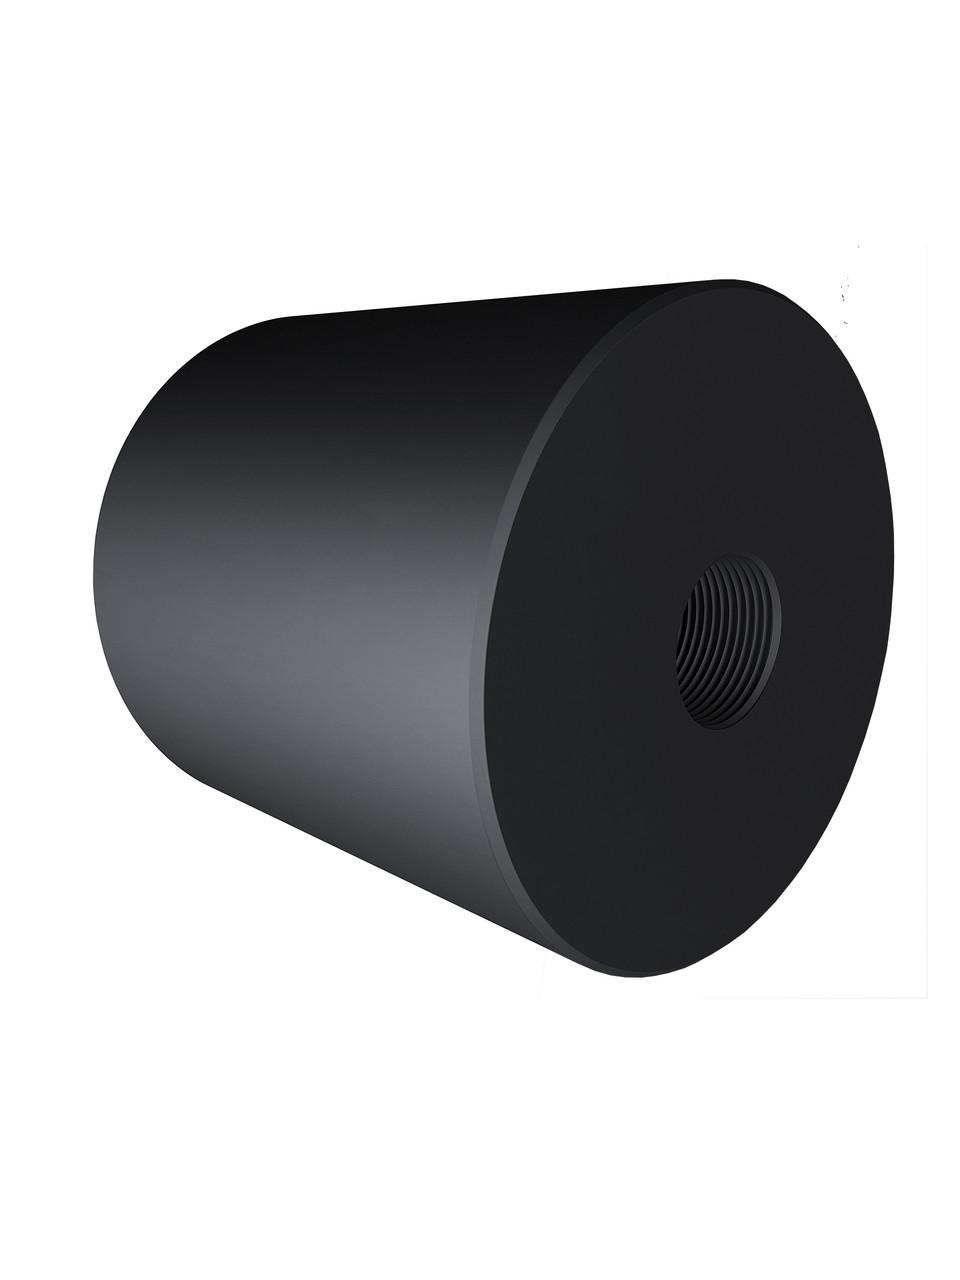 ODF-06-25-21-L40 Дистанція 40 мм для коннектора діаметром 40 мм з різьбою М8, чорний